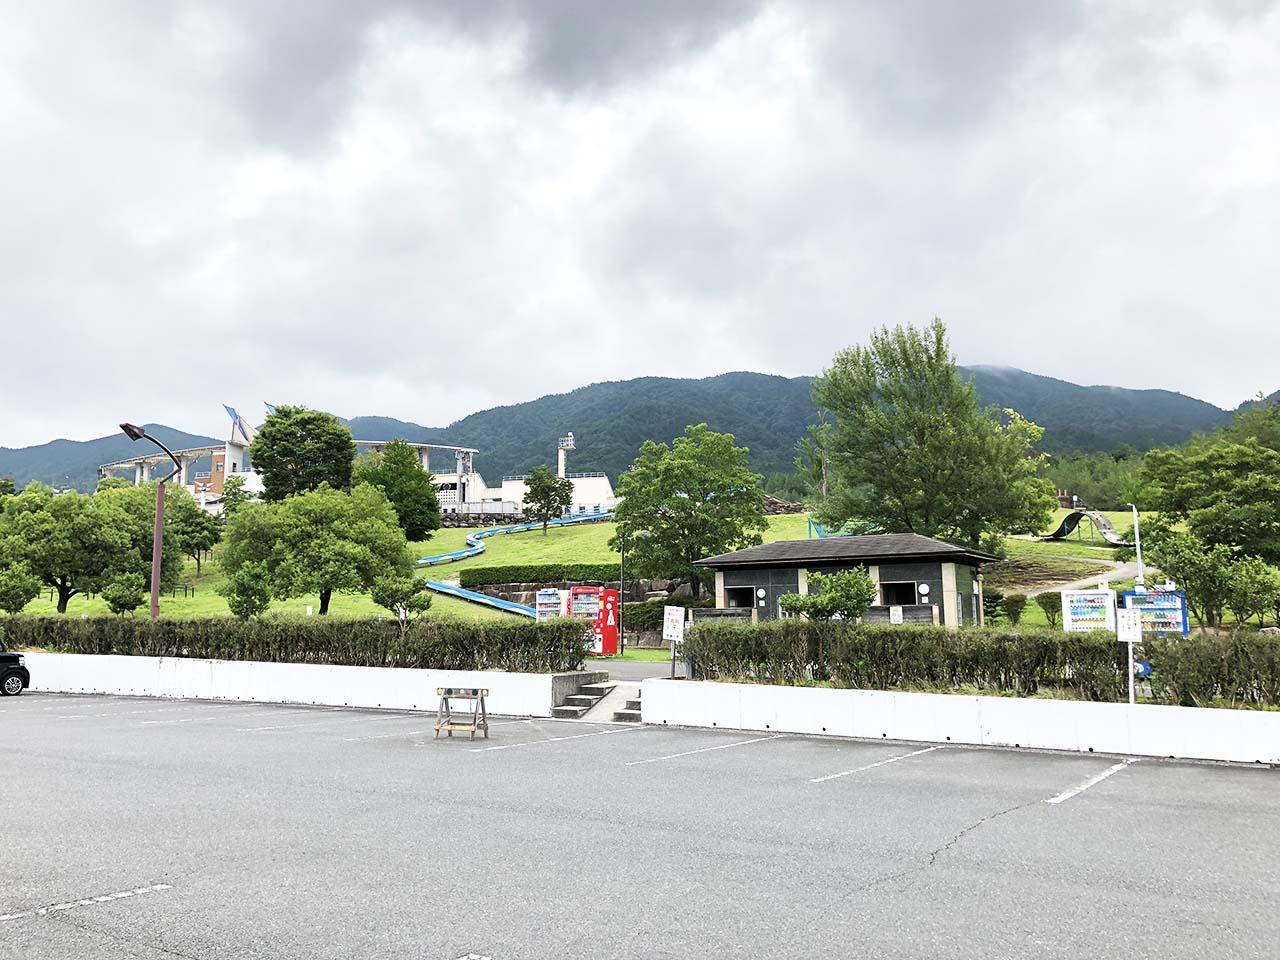 中津川公園の第2駐車場から遊具広場